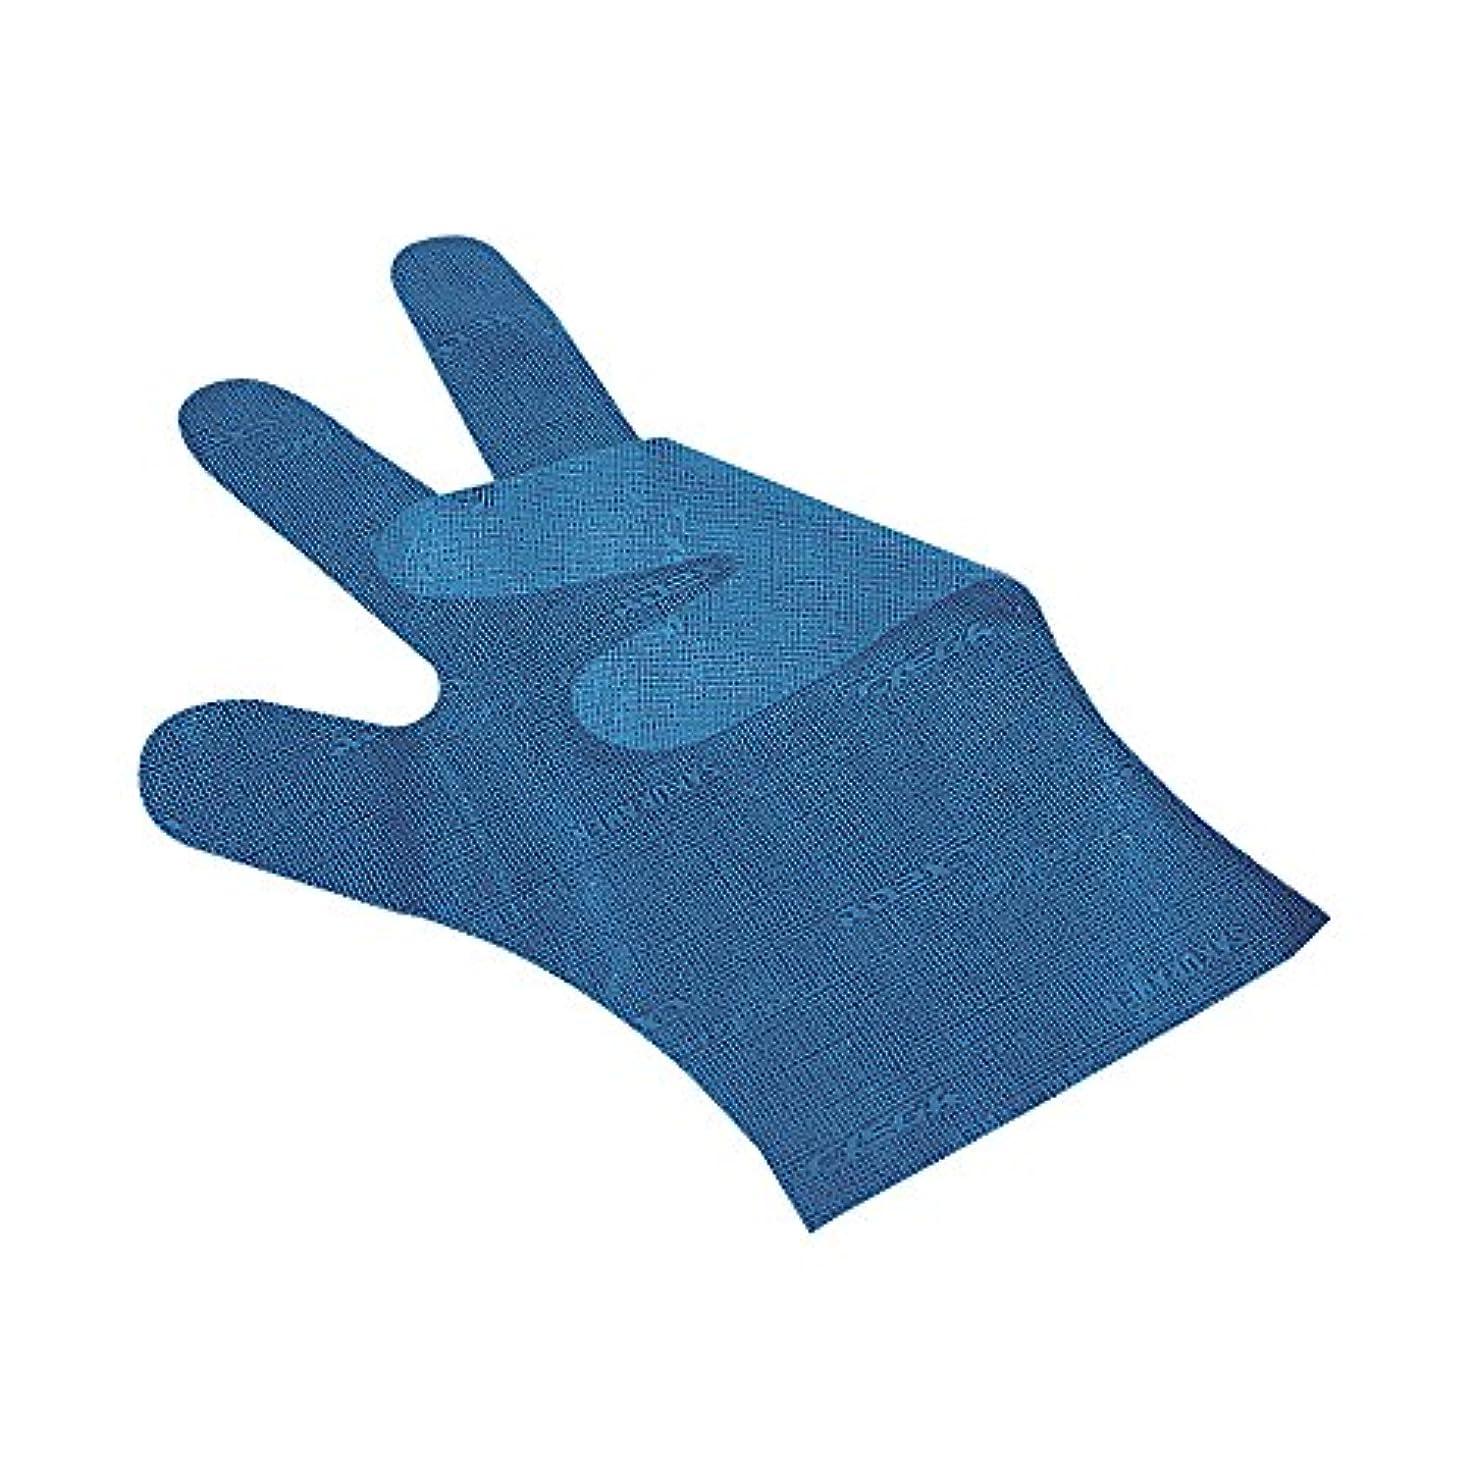 公然と波紋告発者サクラメンエンボス手袋 デラックス ブルー S 100枚入